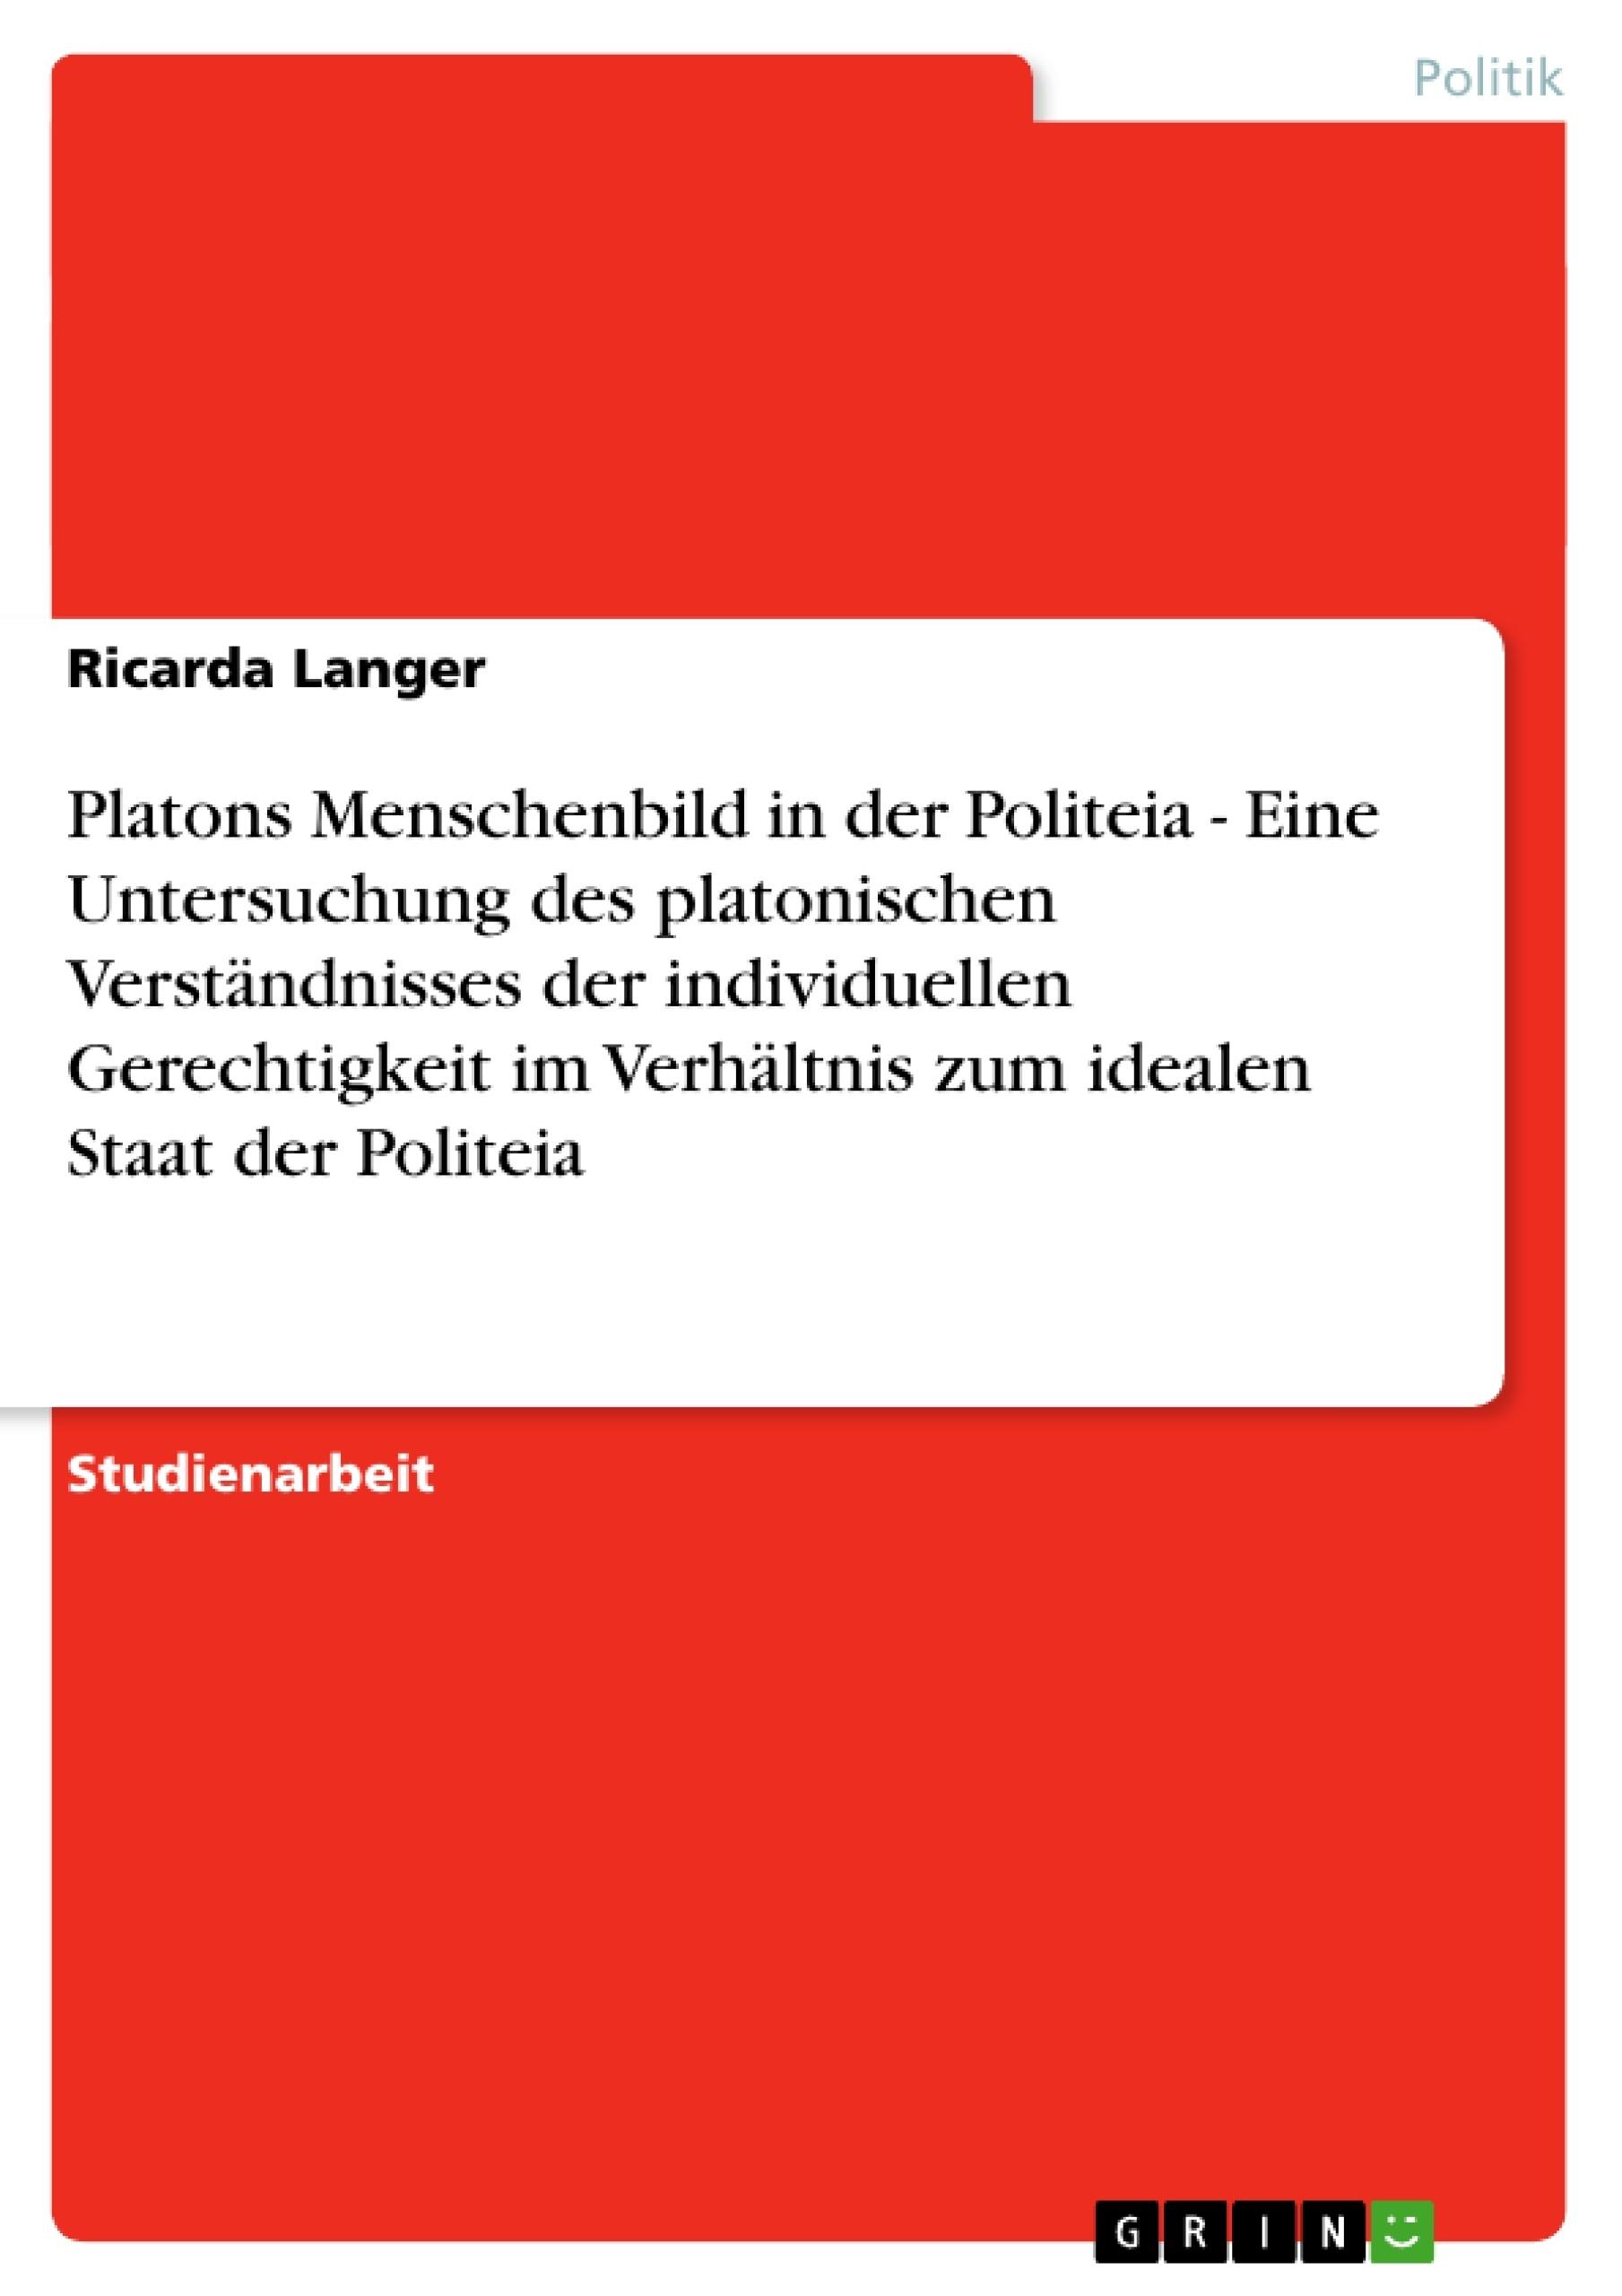 Titel: Platons Menschenbild in der Politeia - Eine Untersuchung des platonischen Verständnisses der individuellen Gerechtigkeit im Verhältnis zum idealen Staat der Politeia